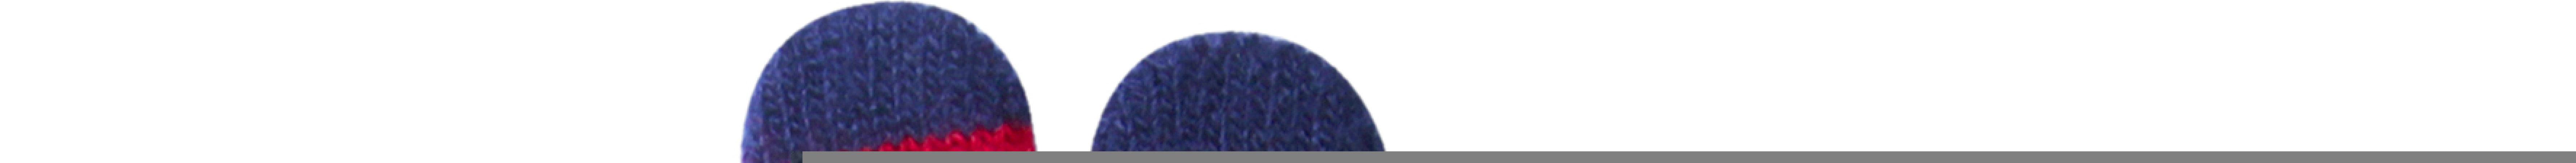 Afbeelding van Elt Handschoenen Magic Grippy Kind - Ruiteraccessoires - Multi-Color One Size